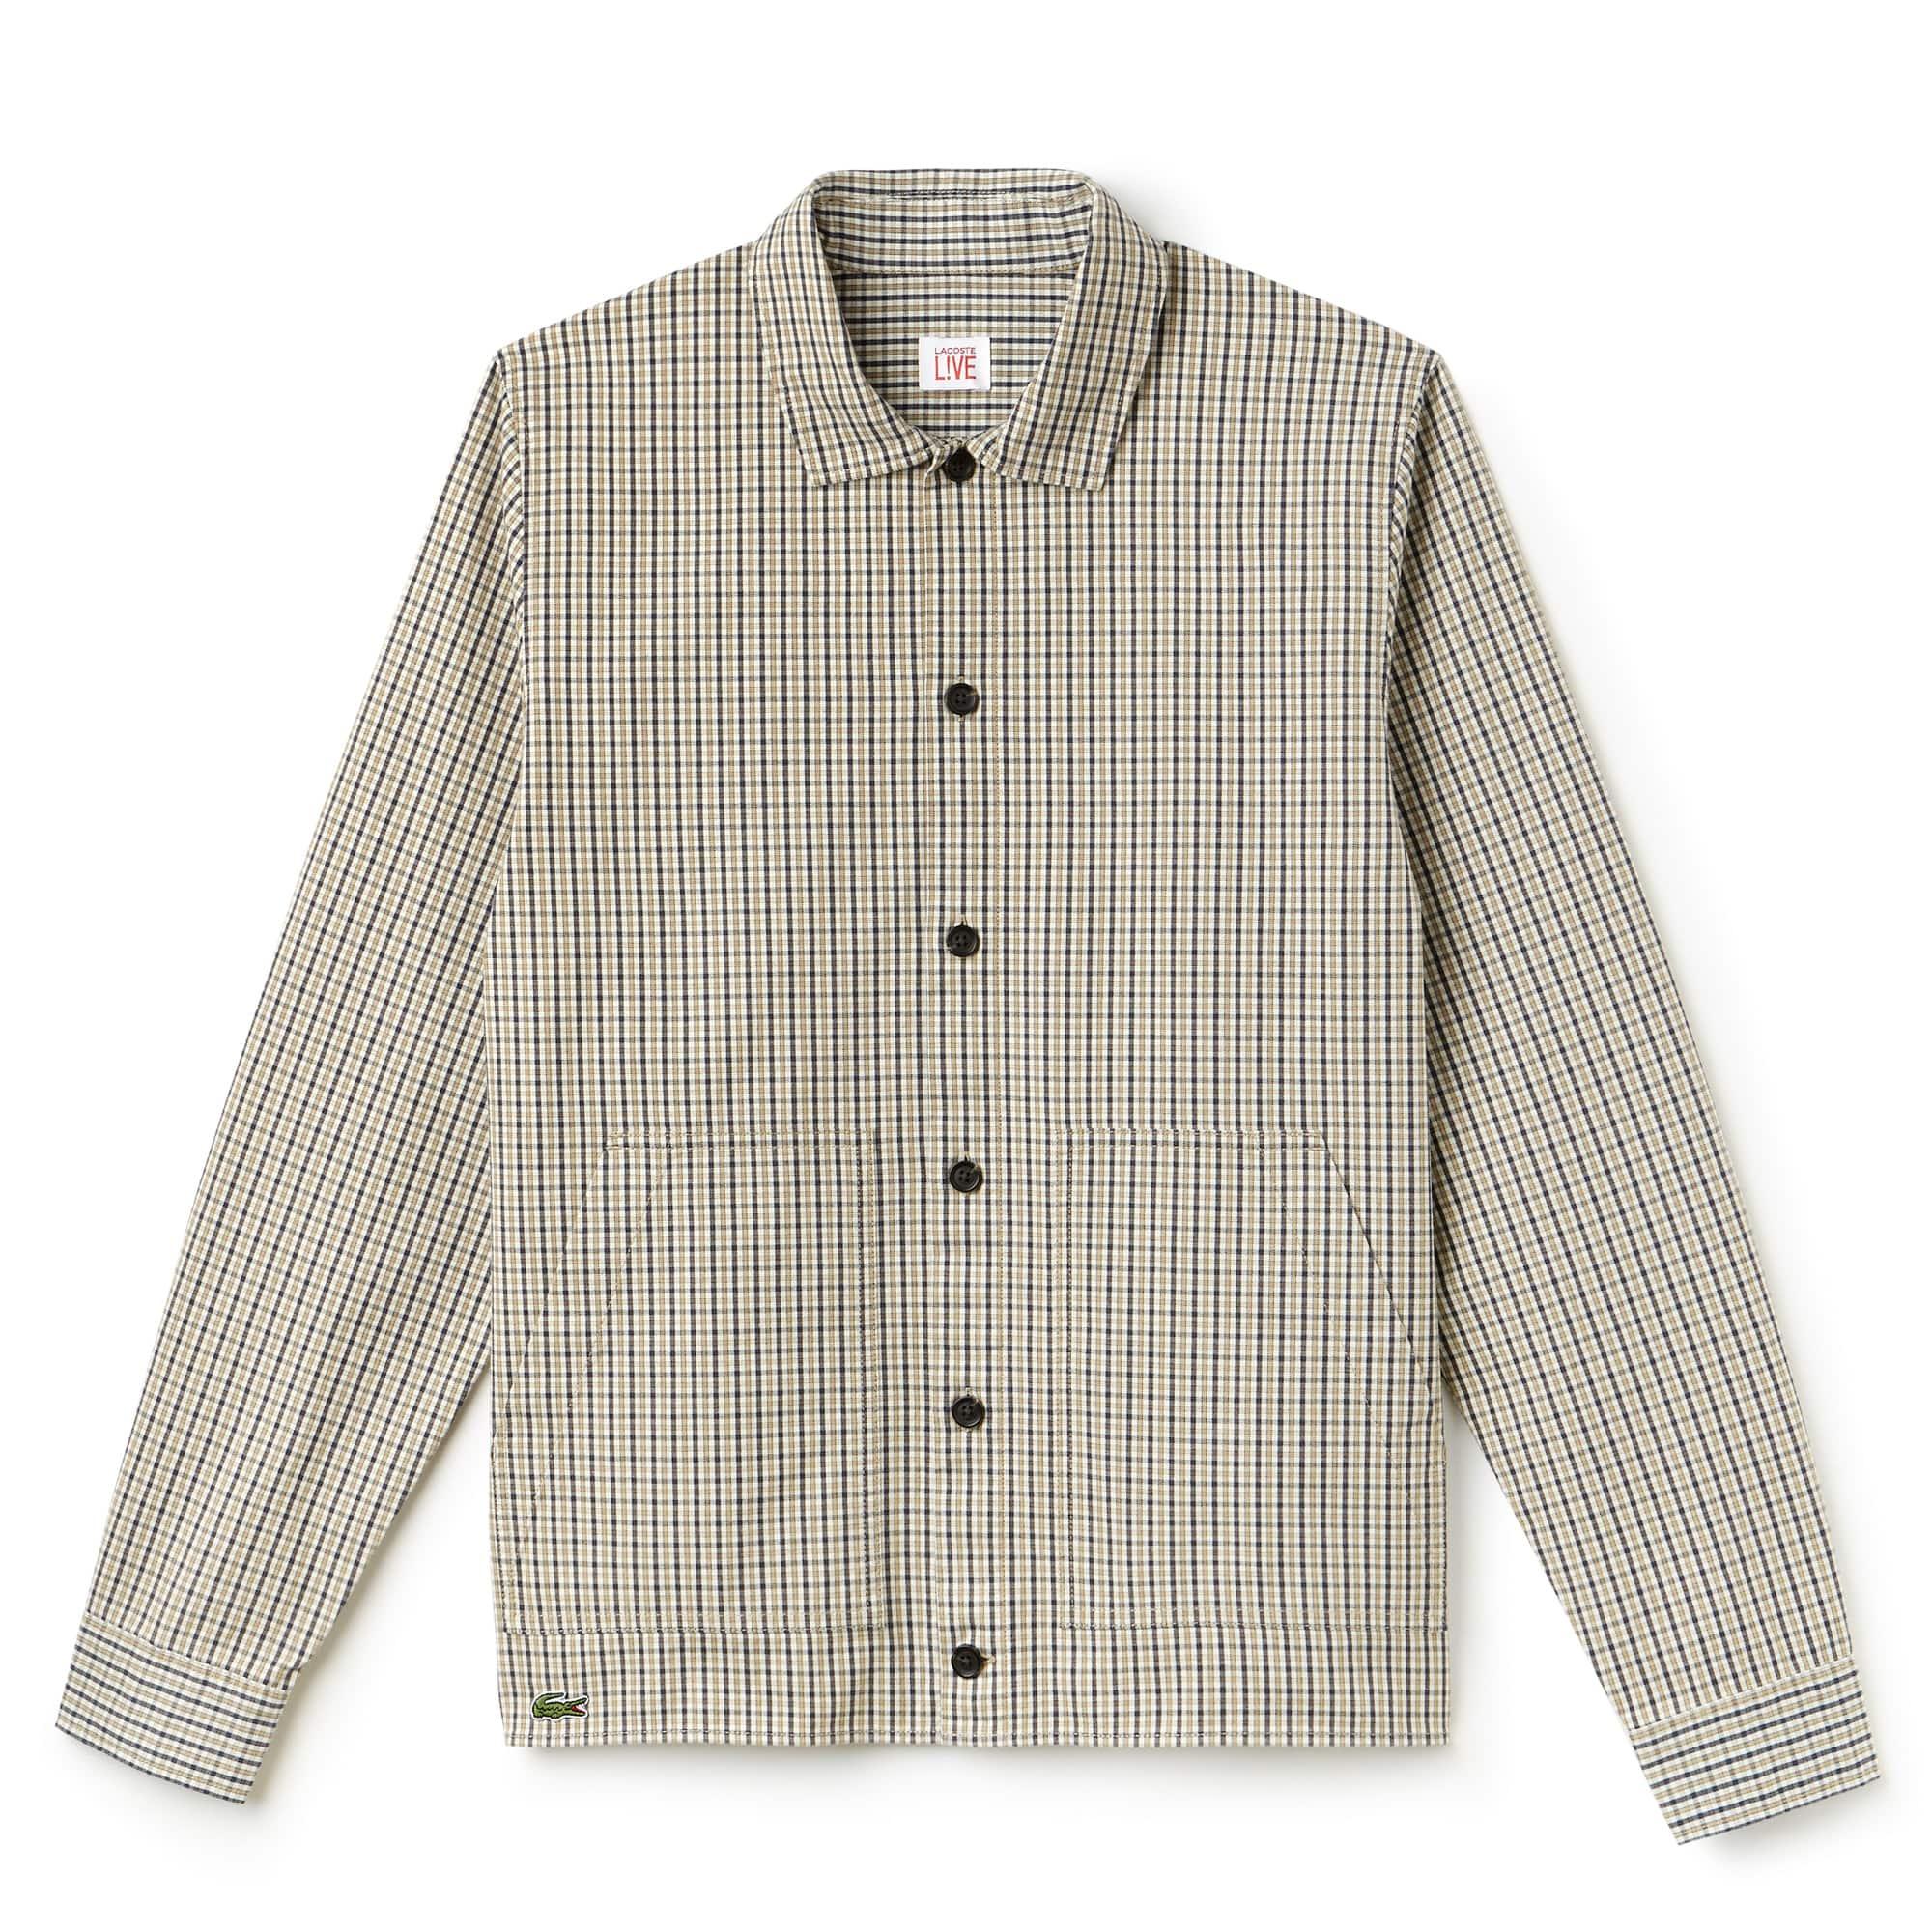 Camisa slim fit Lacoste LIVE em flanela aos quadrados